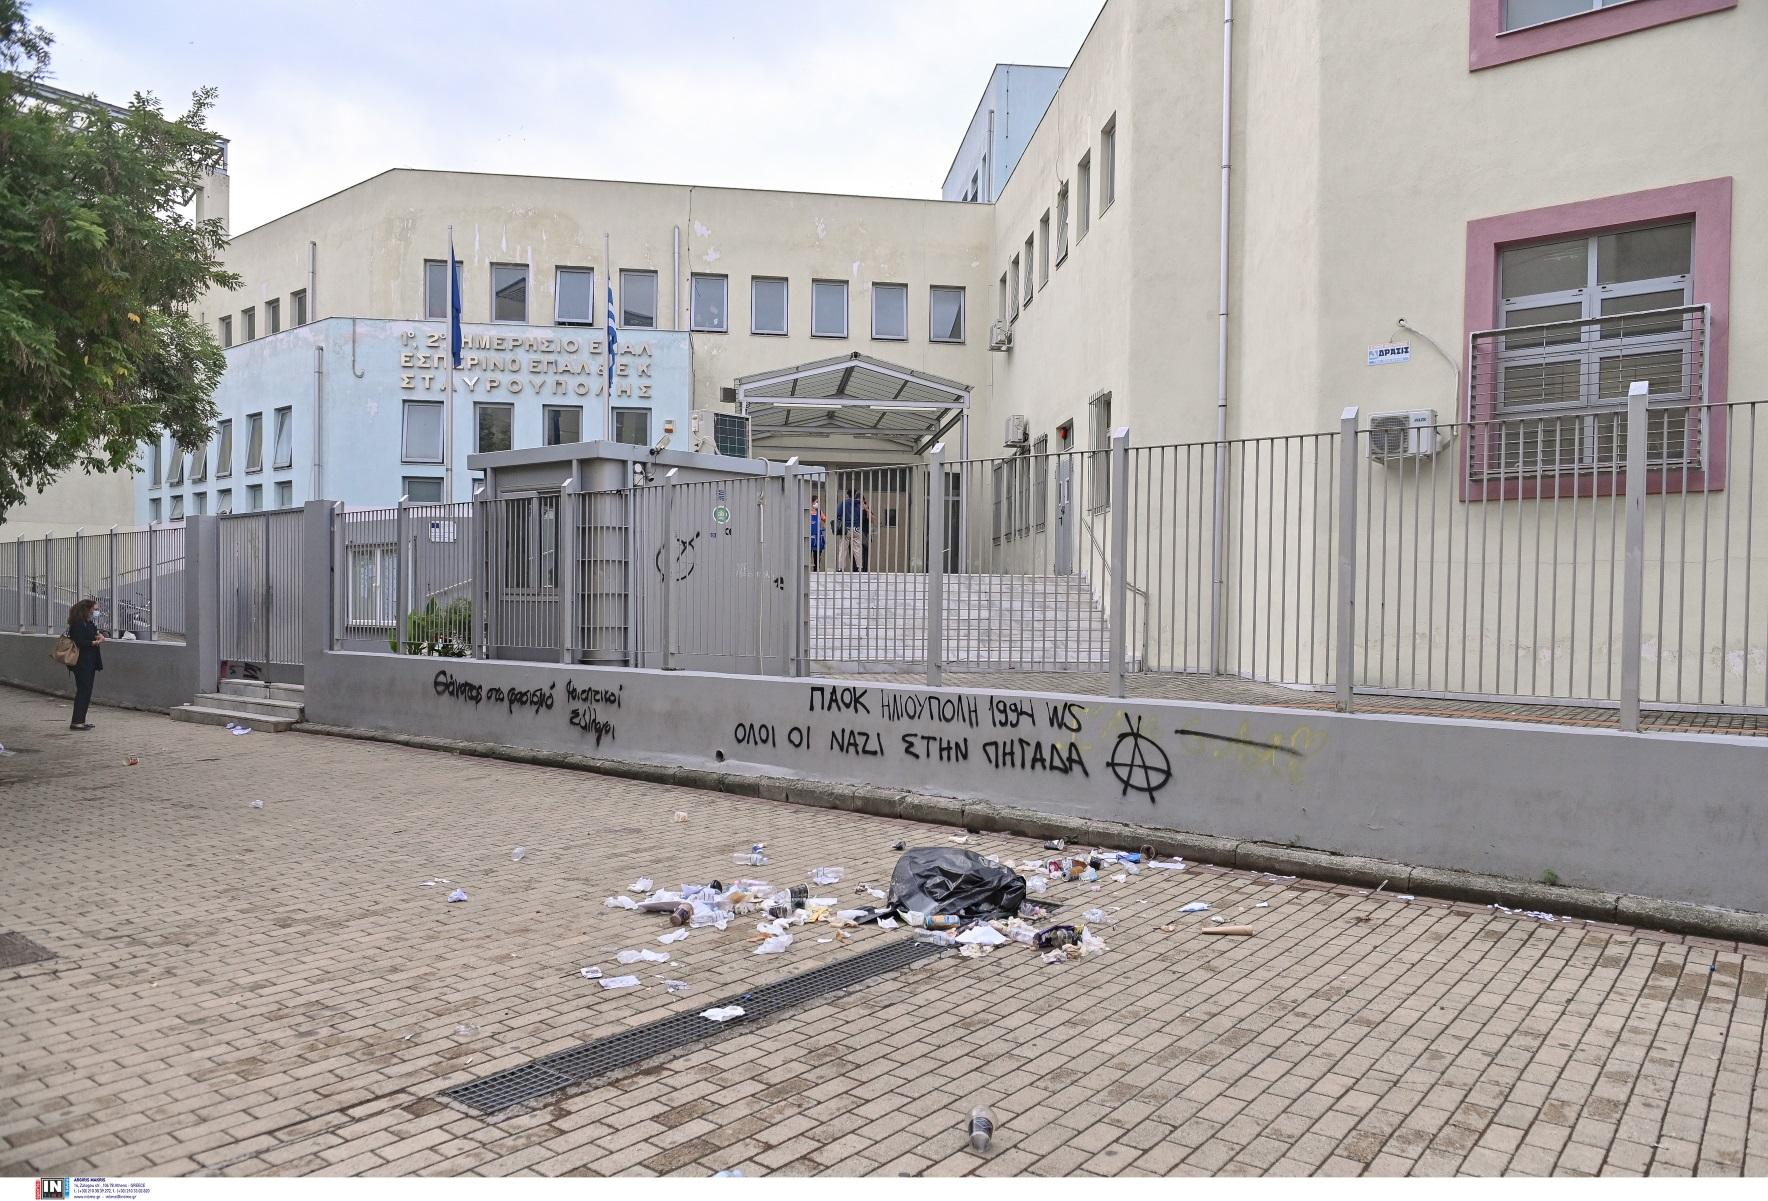 ΕΠΑΛ Σταυρούπολης – Καταγγελία μητέρας: Ξυλοκόπησαν άγρια την κόρη μου μέσα στο σχολείο